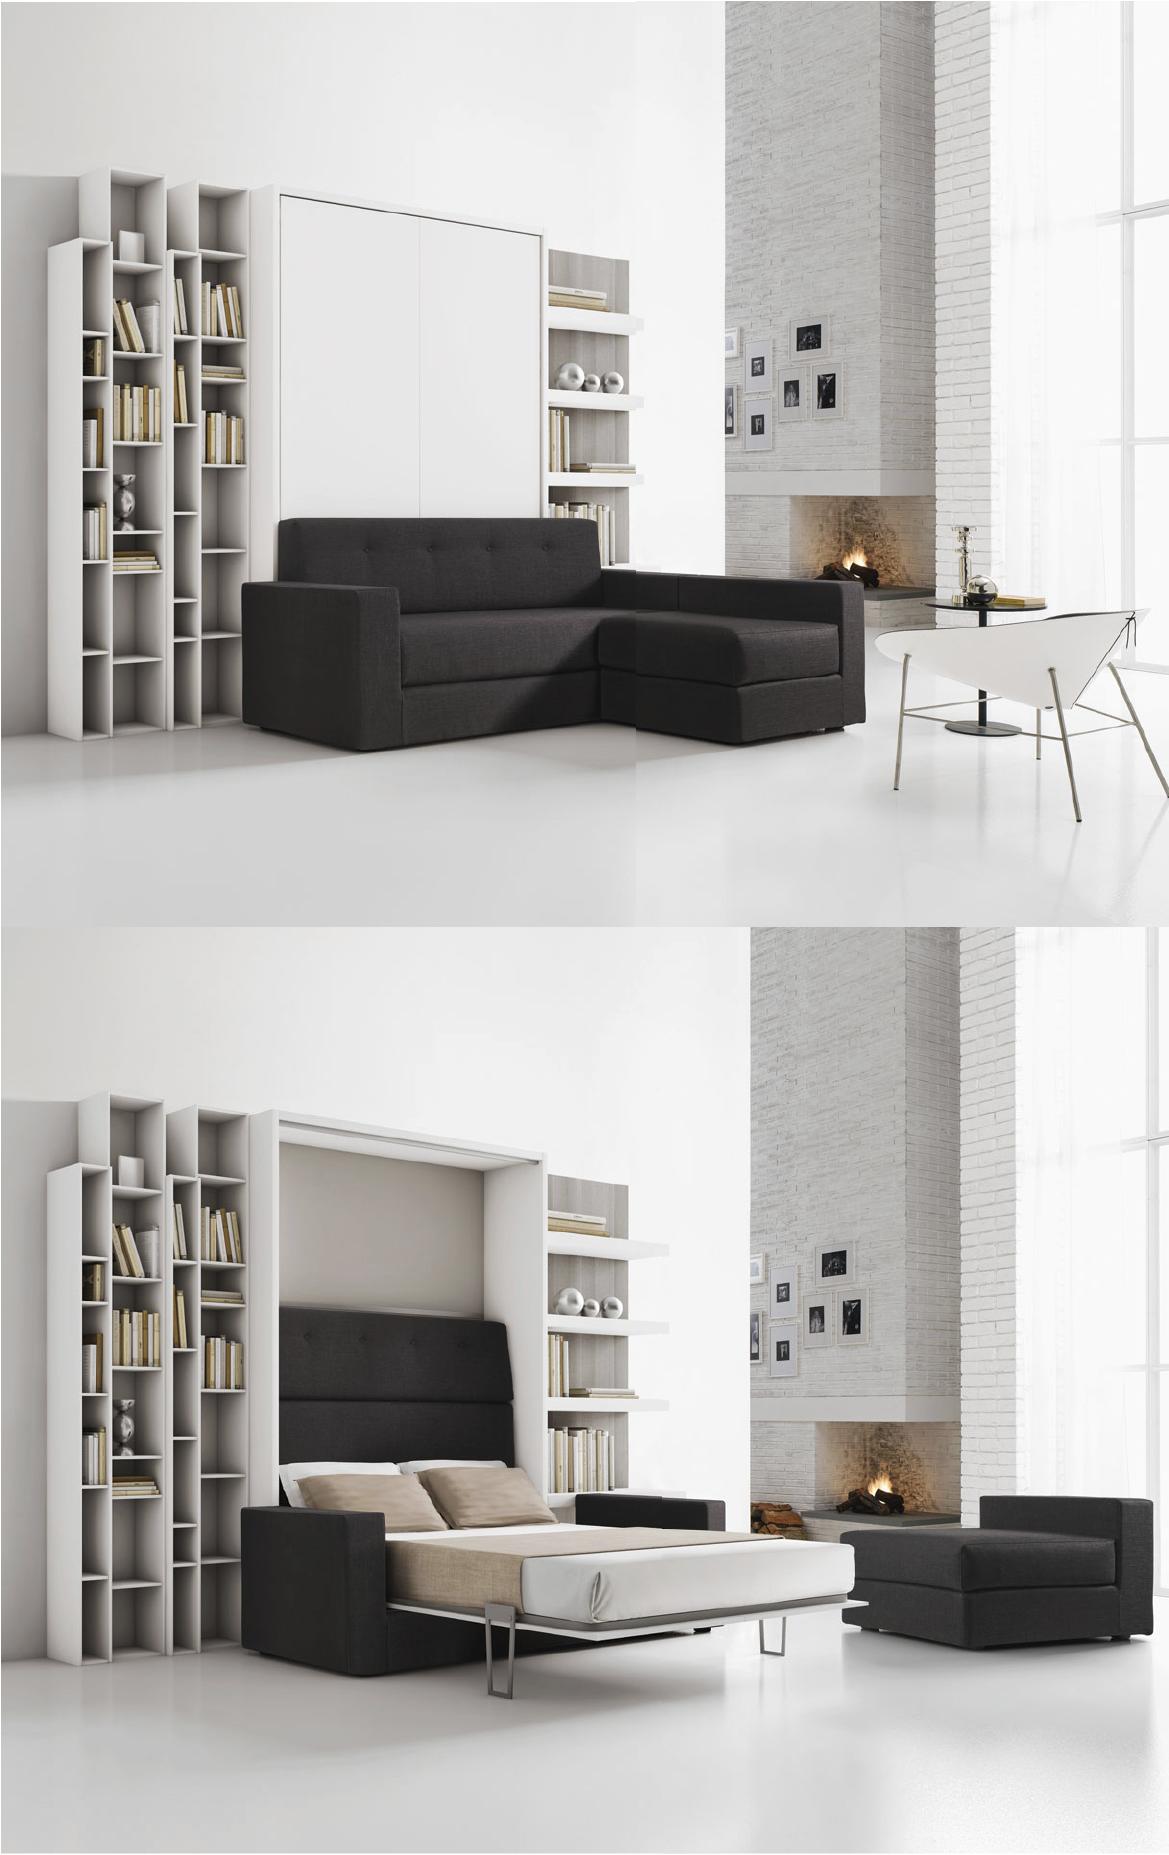 lit escamotable personnalisable nouveaut 2014 lit gain de place pinterest. Black Bedroom Furniture Sets. Home Design Ideas